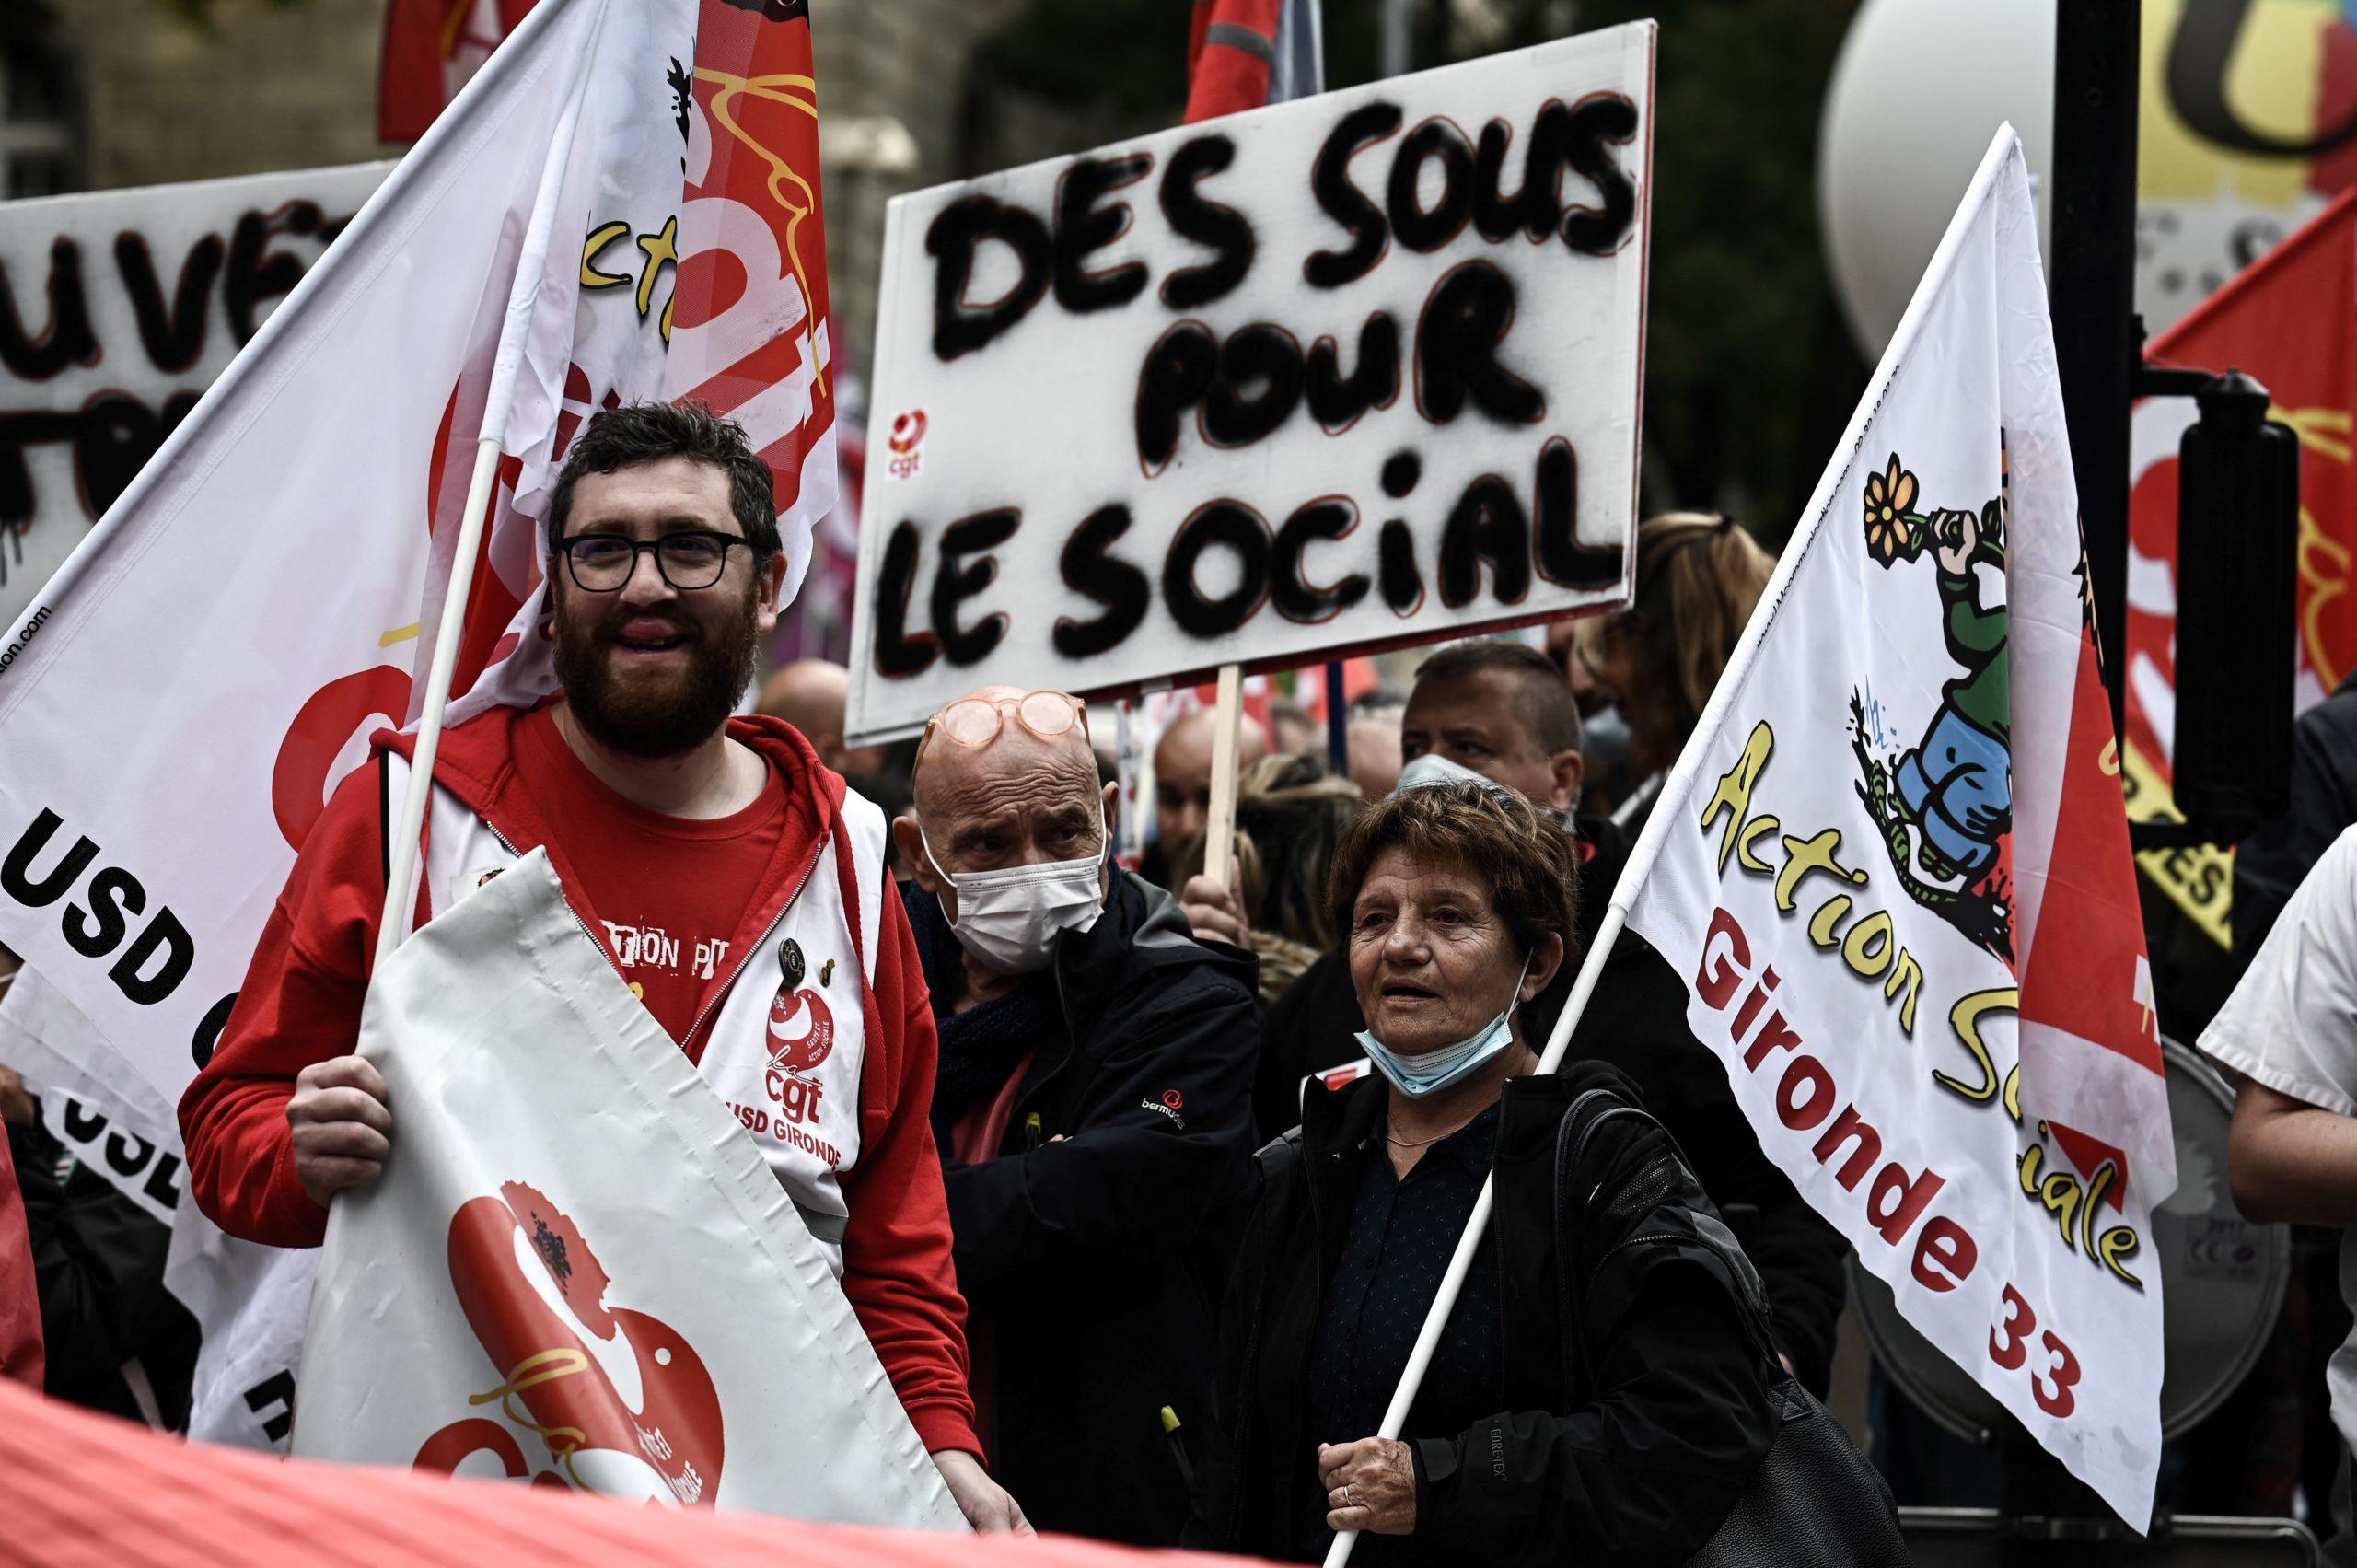 manif bordeaux 5 octobre 2021 (Philippe LOPEZ / AFP)